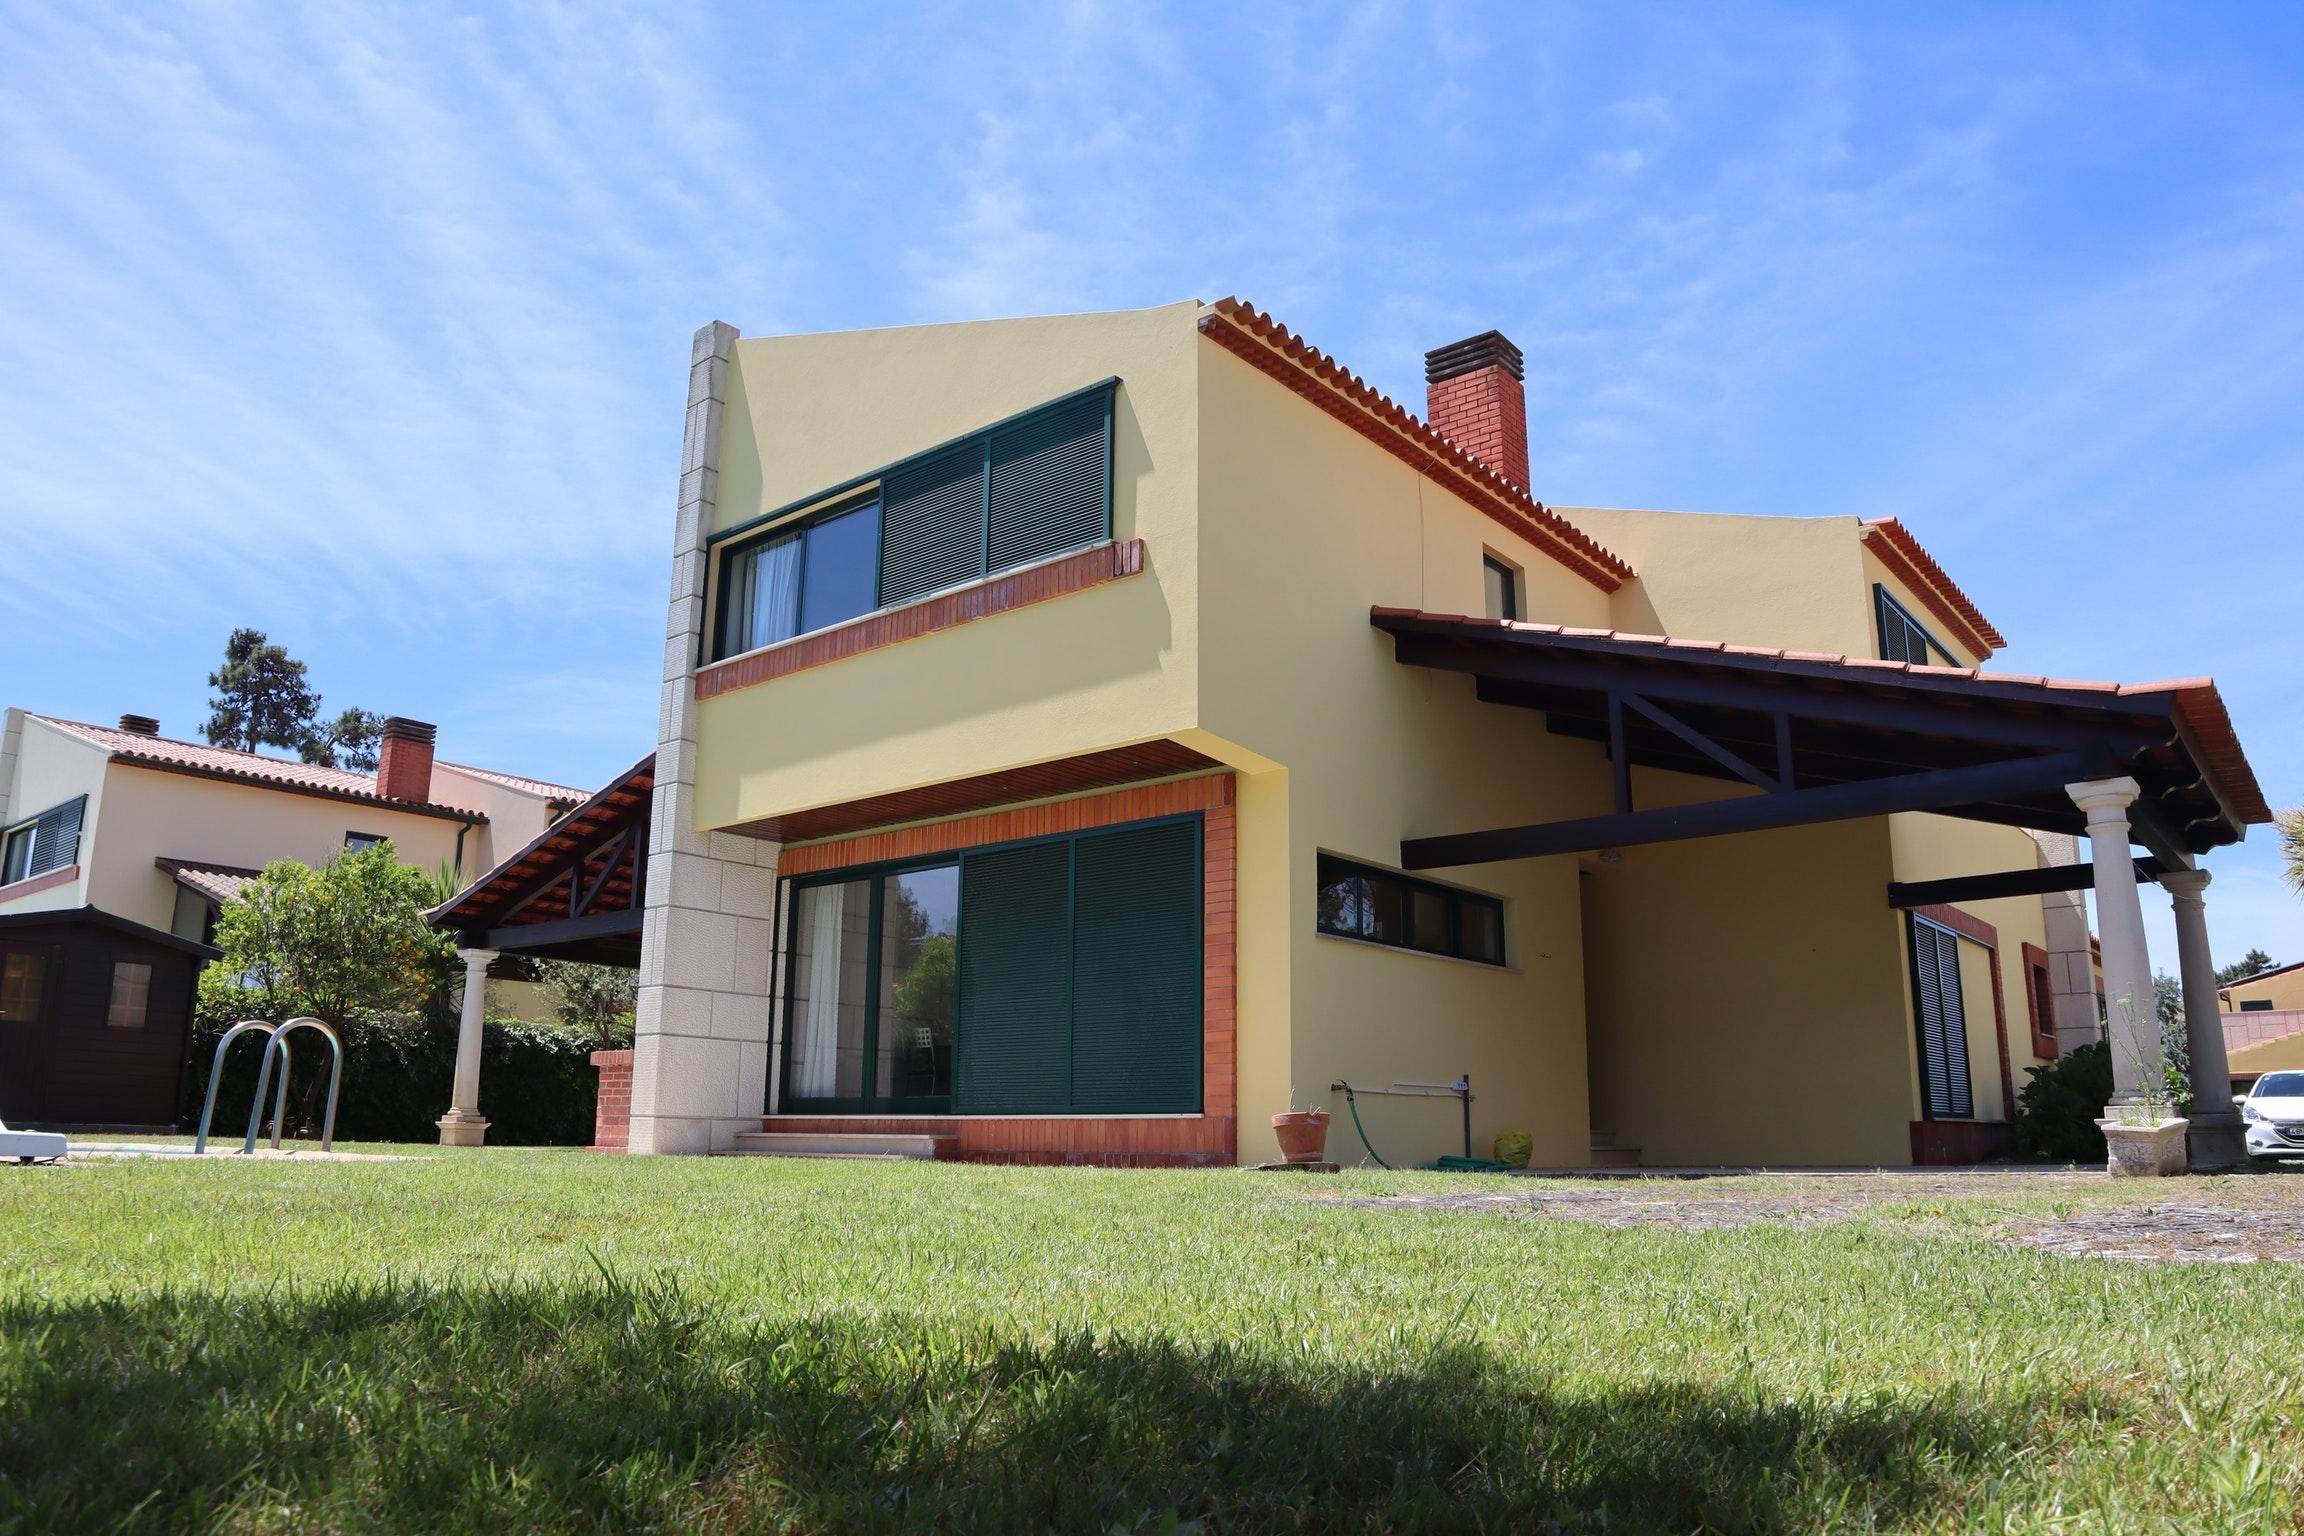 Ferienhaus Villa mit 4 Schlafzimmern in Praia de Mira mit privatem Pool, eingezäuntem Garten und W-LA (2623071), Praia de Mira, Costa de Prata, Zentral-Portugal, Portugal, Bild 10